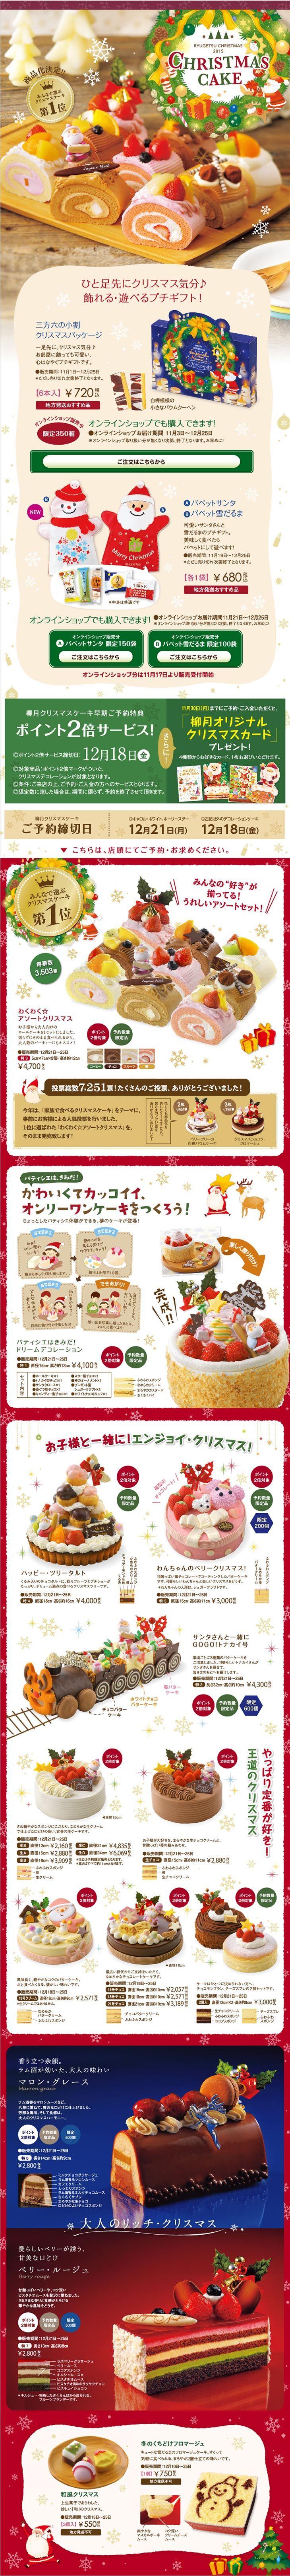 柳月クリスマスケーキ